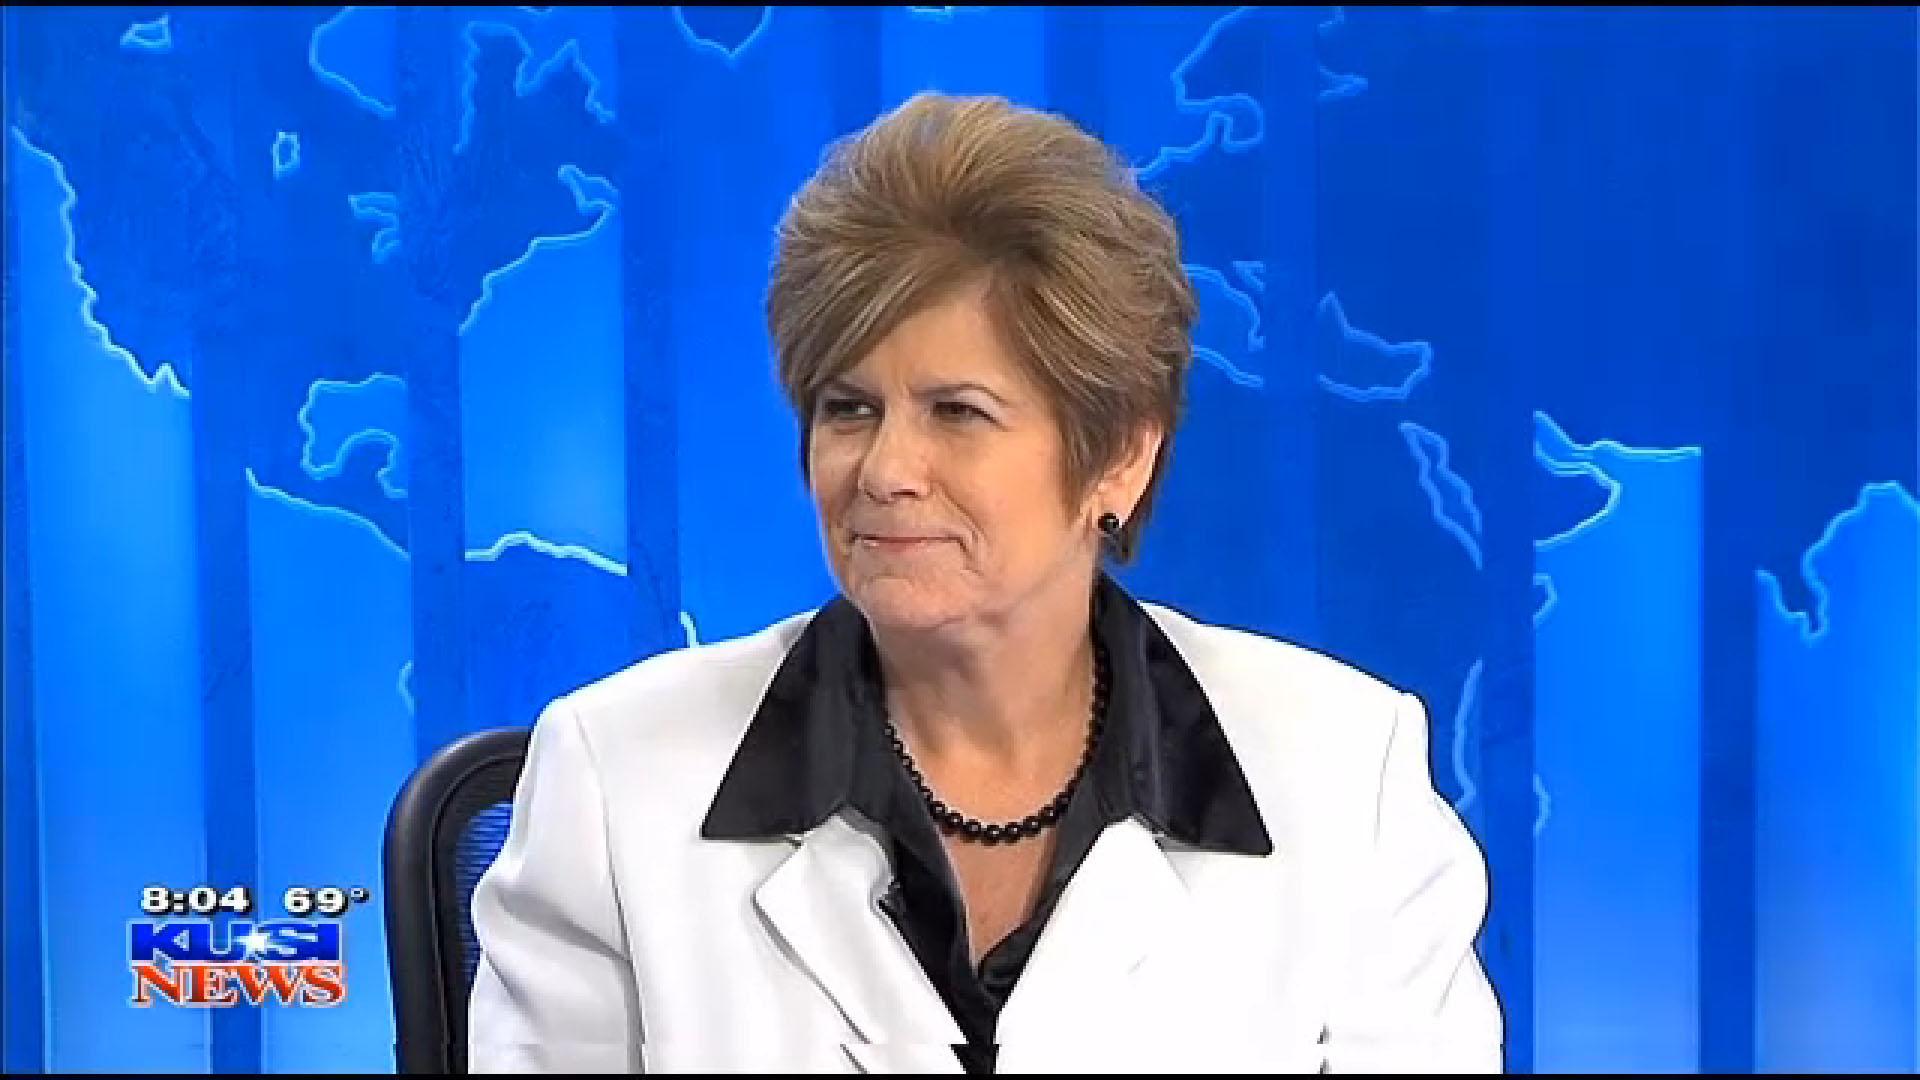 Bonnie Dumanis. Photo courtesy of KUSI News